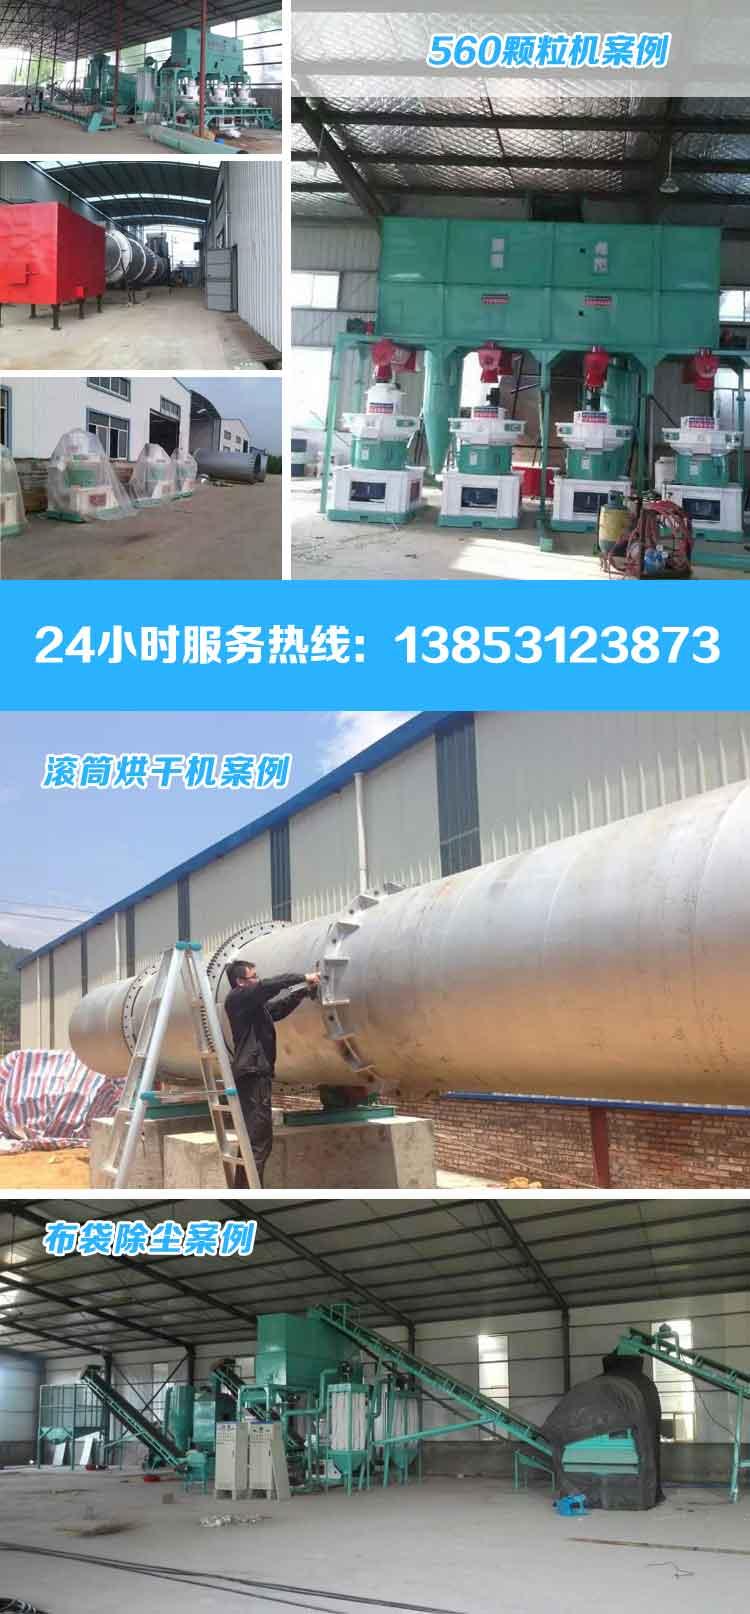 467shengchanxian1342191233.jpg